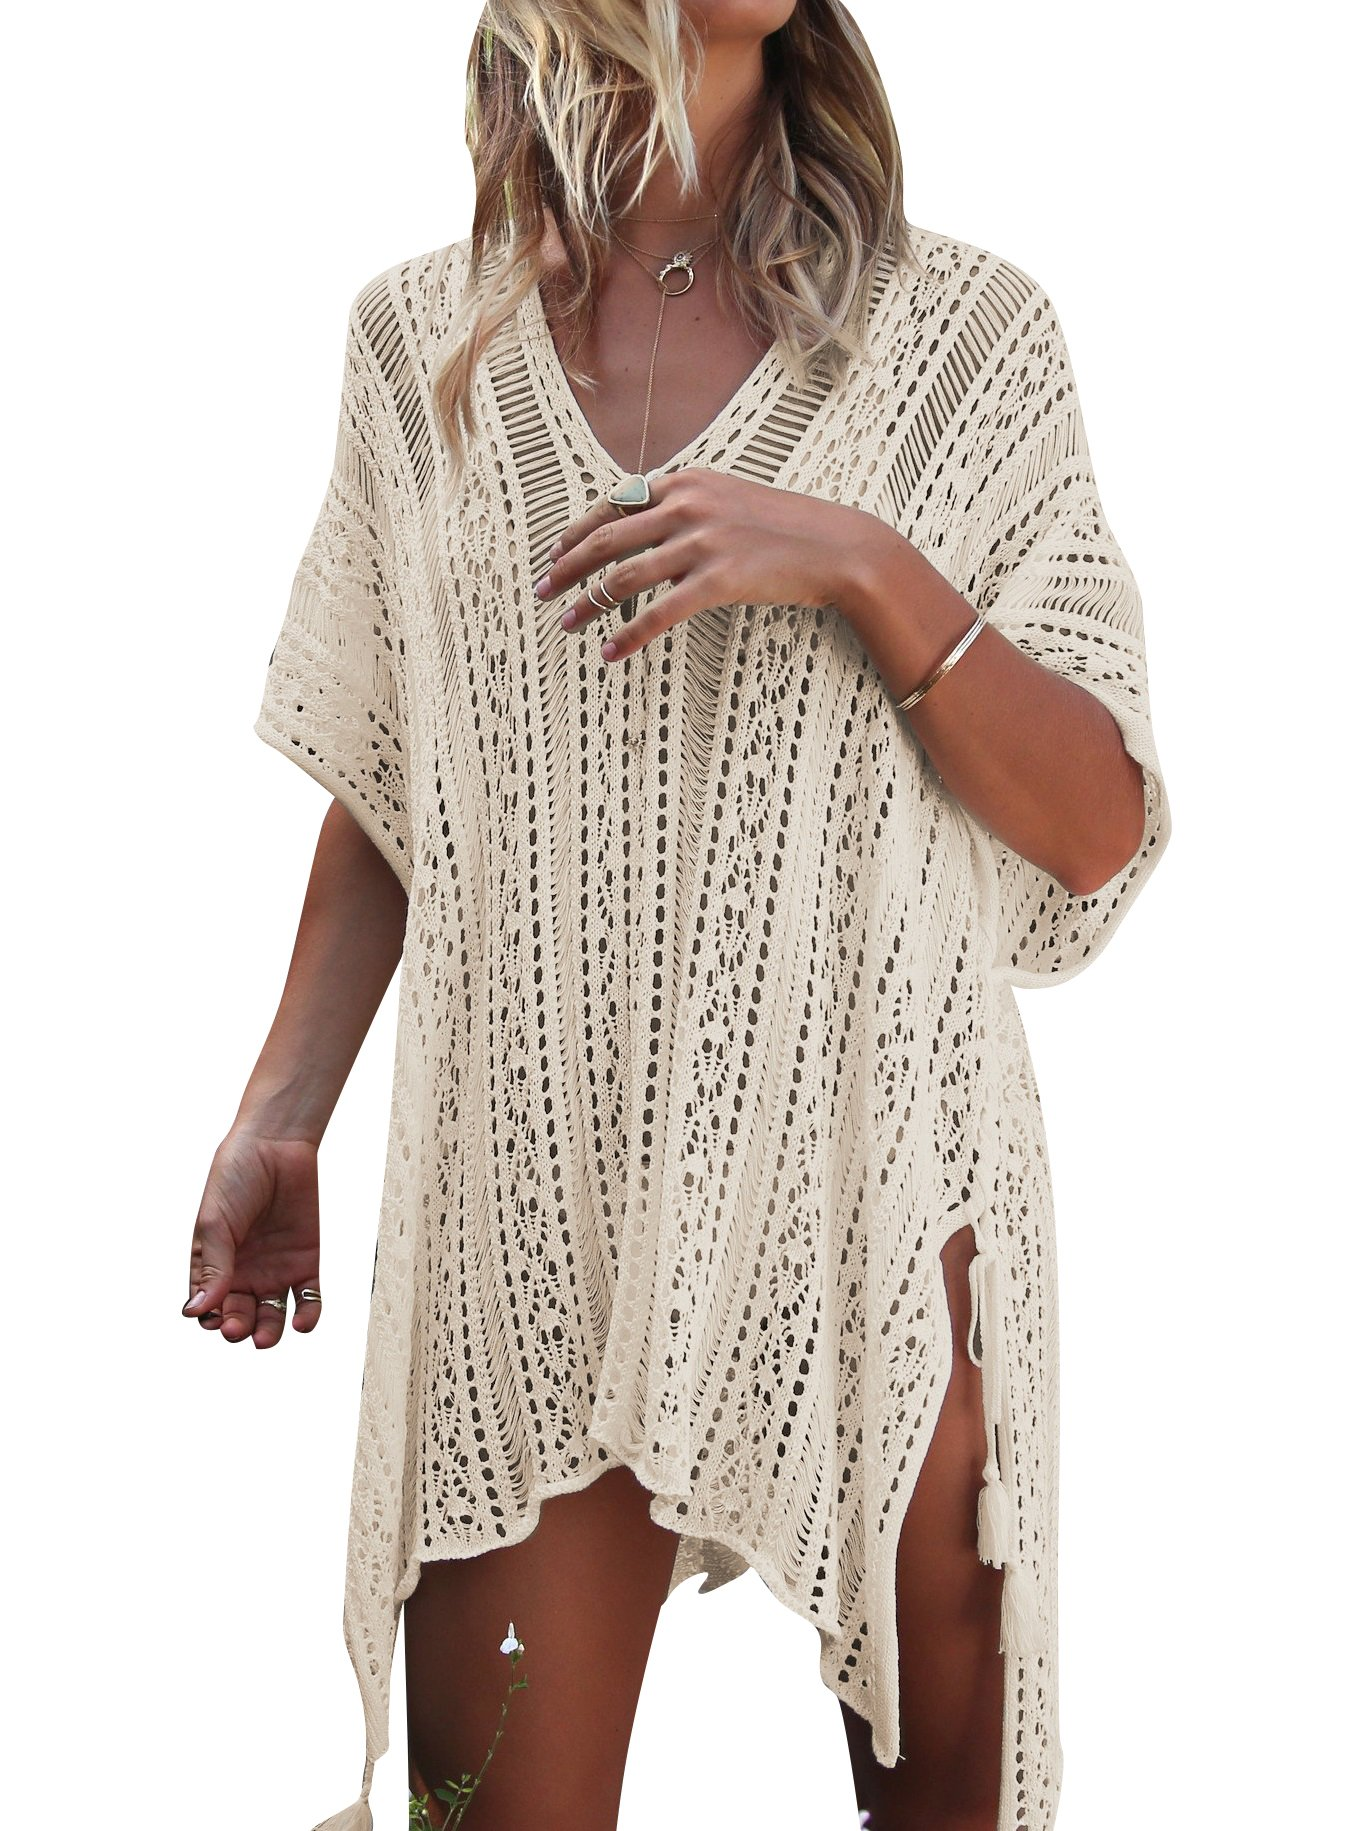 Jeasona Women's Bathing Suit Cover up Beach Bikini Swimsuit Swimwear Crochet Dress (Beige, M)